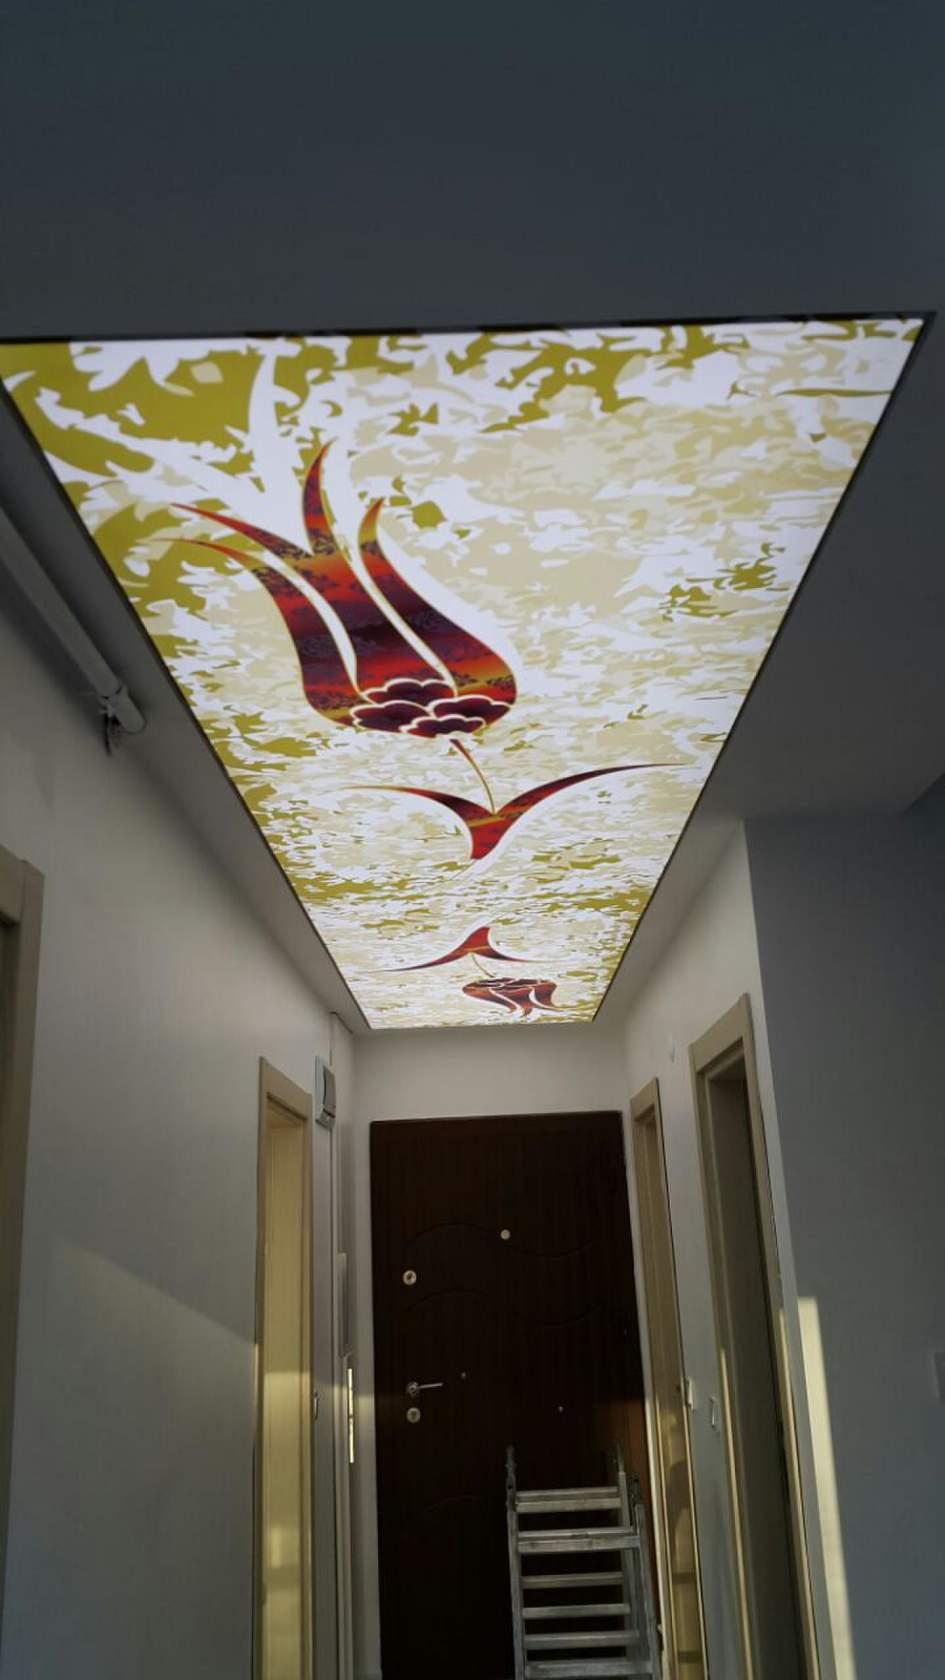 Gergi Tavan baskılı-gergi-tavan-modelleri-1 (179) – stretch ceiling models